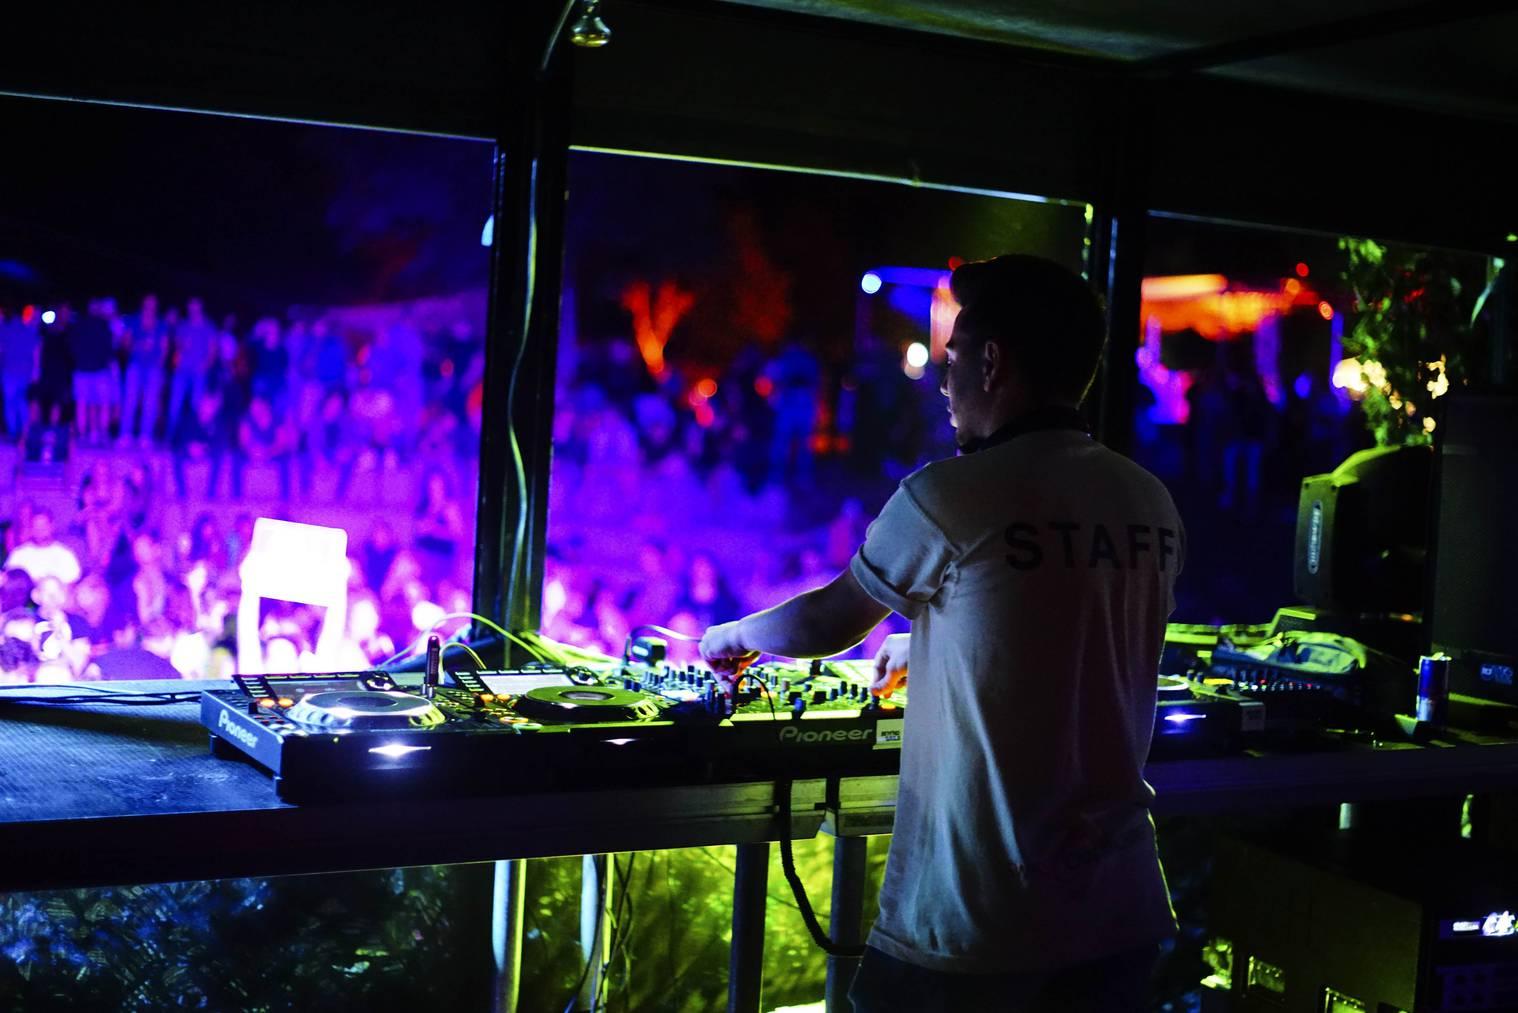 Widnau tanzt am Samstag zu elektronischer Musik. (Bild: pd)